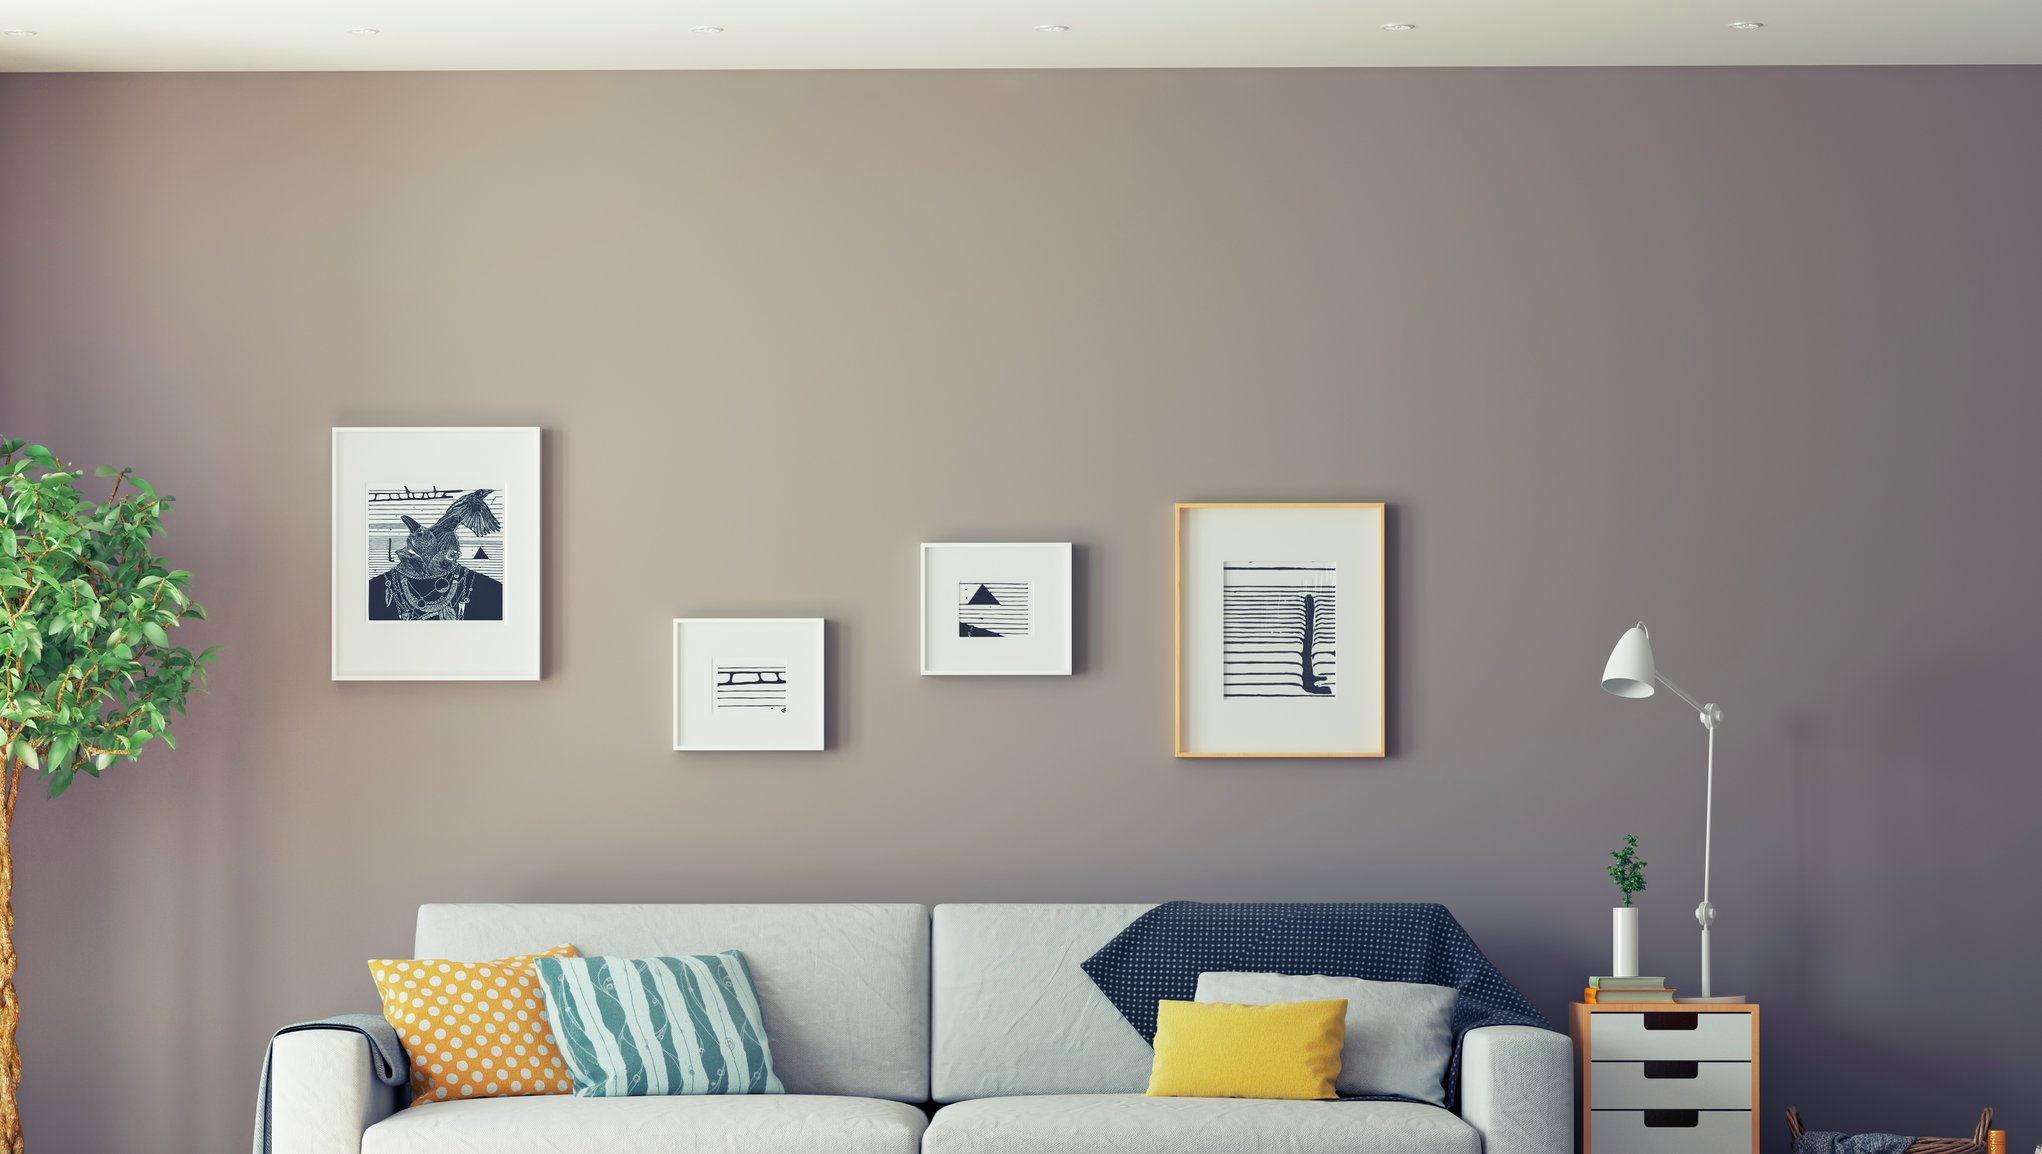 vit soffa i lägenheten